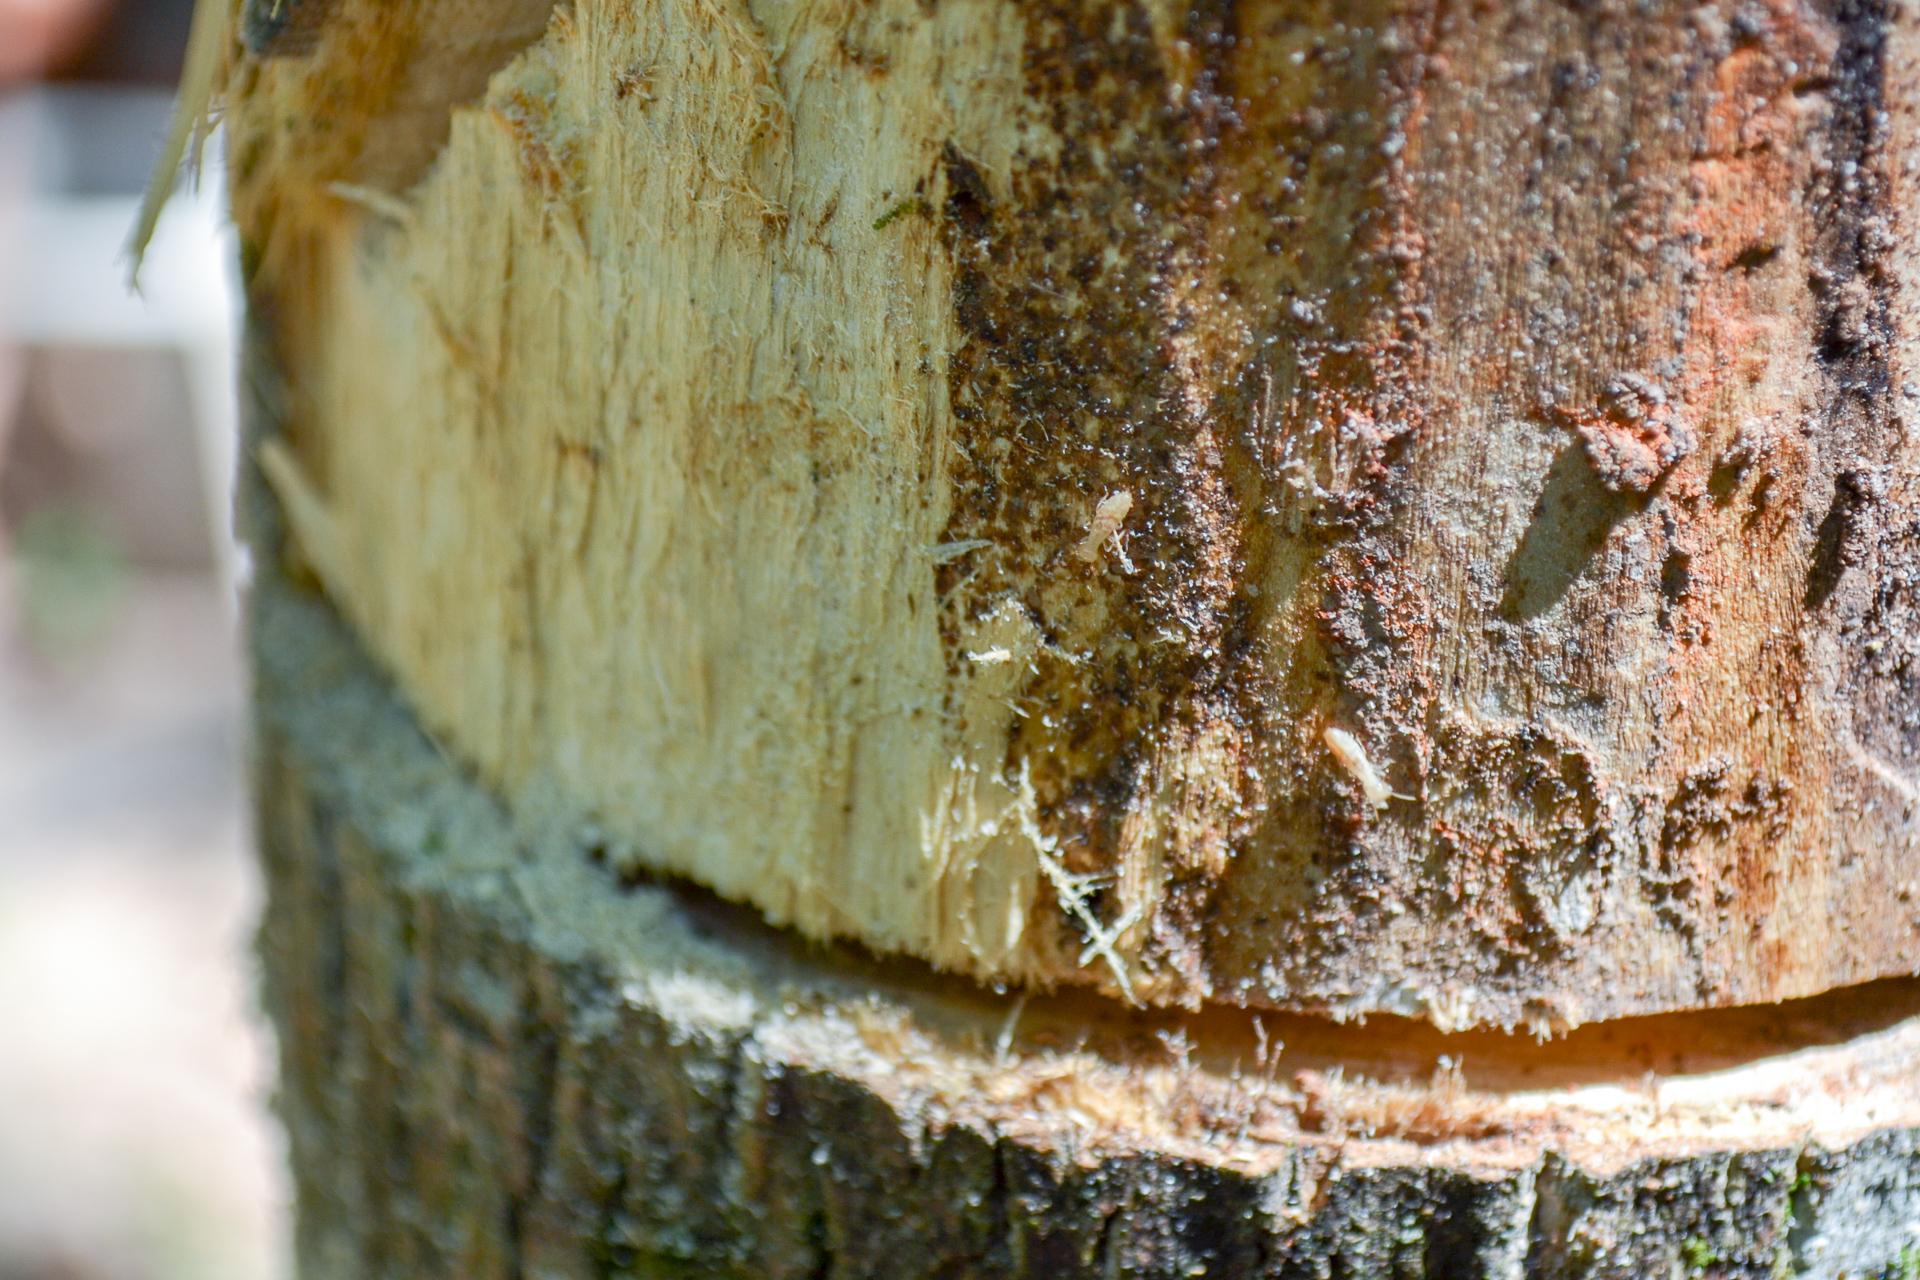 Artsy fartsy closeup of termites inhabiting tree Im cutting down